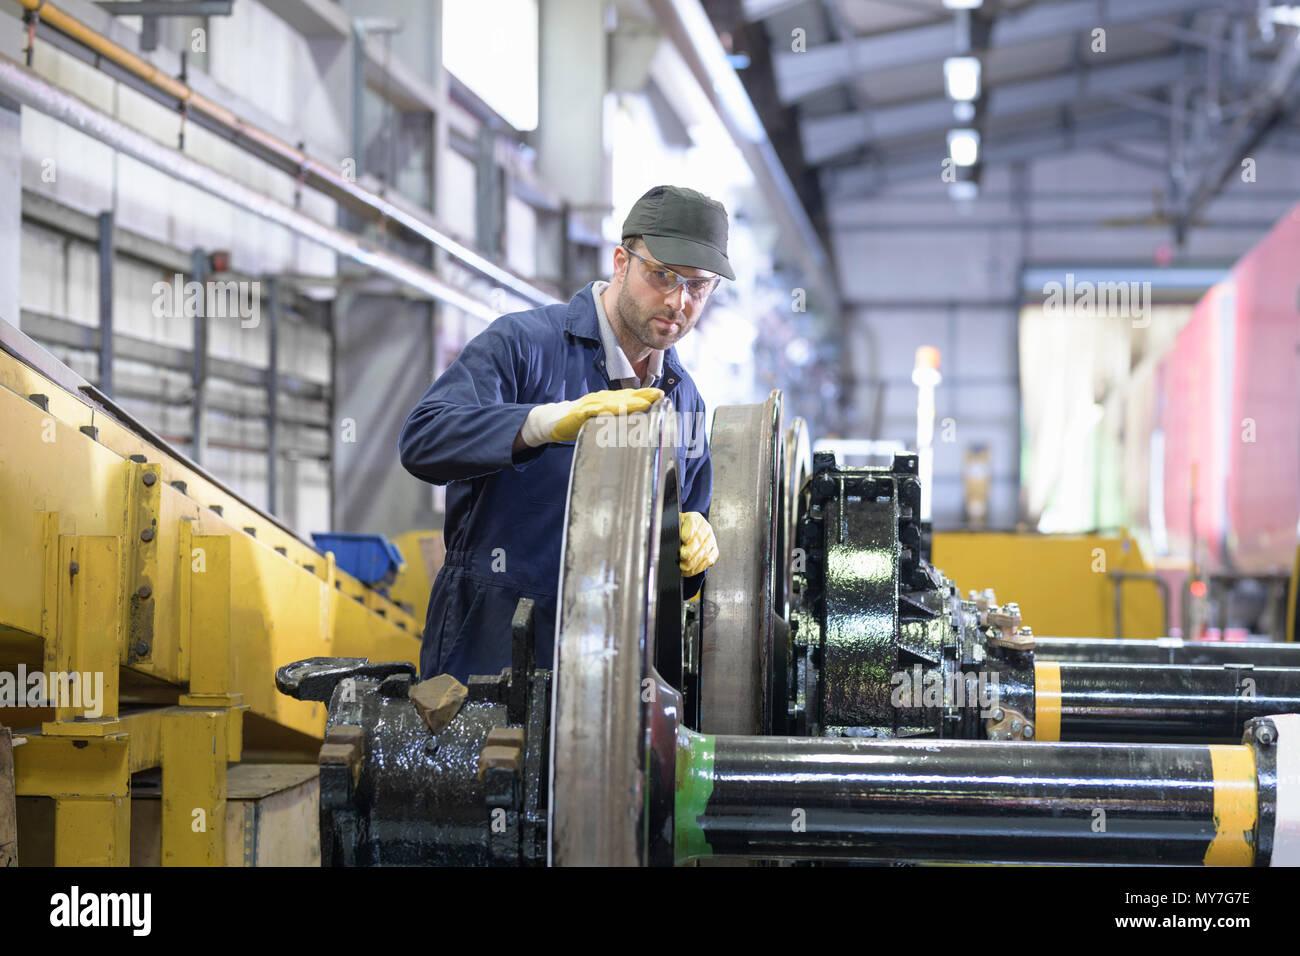 Ingegnere di ispezionare le ruote delle locomotive per usura nel treno di fabbrica di ingegneria Immagini Stock